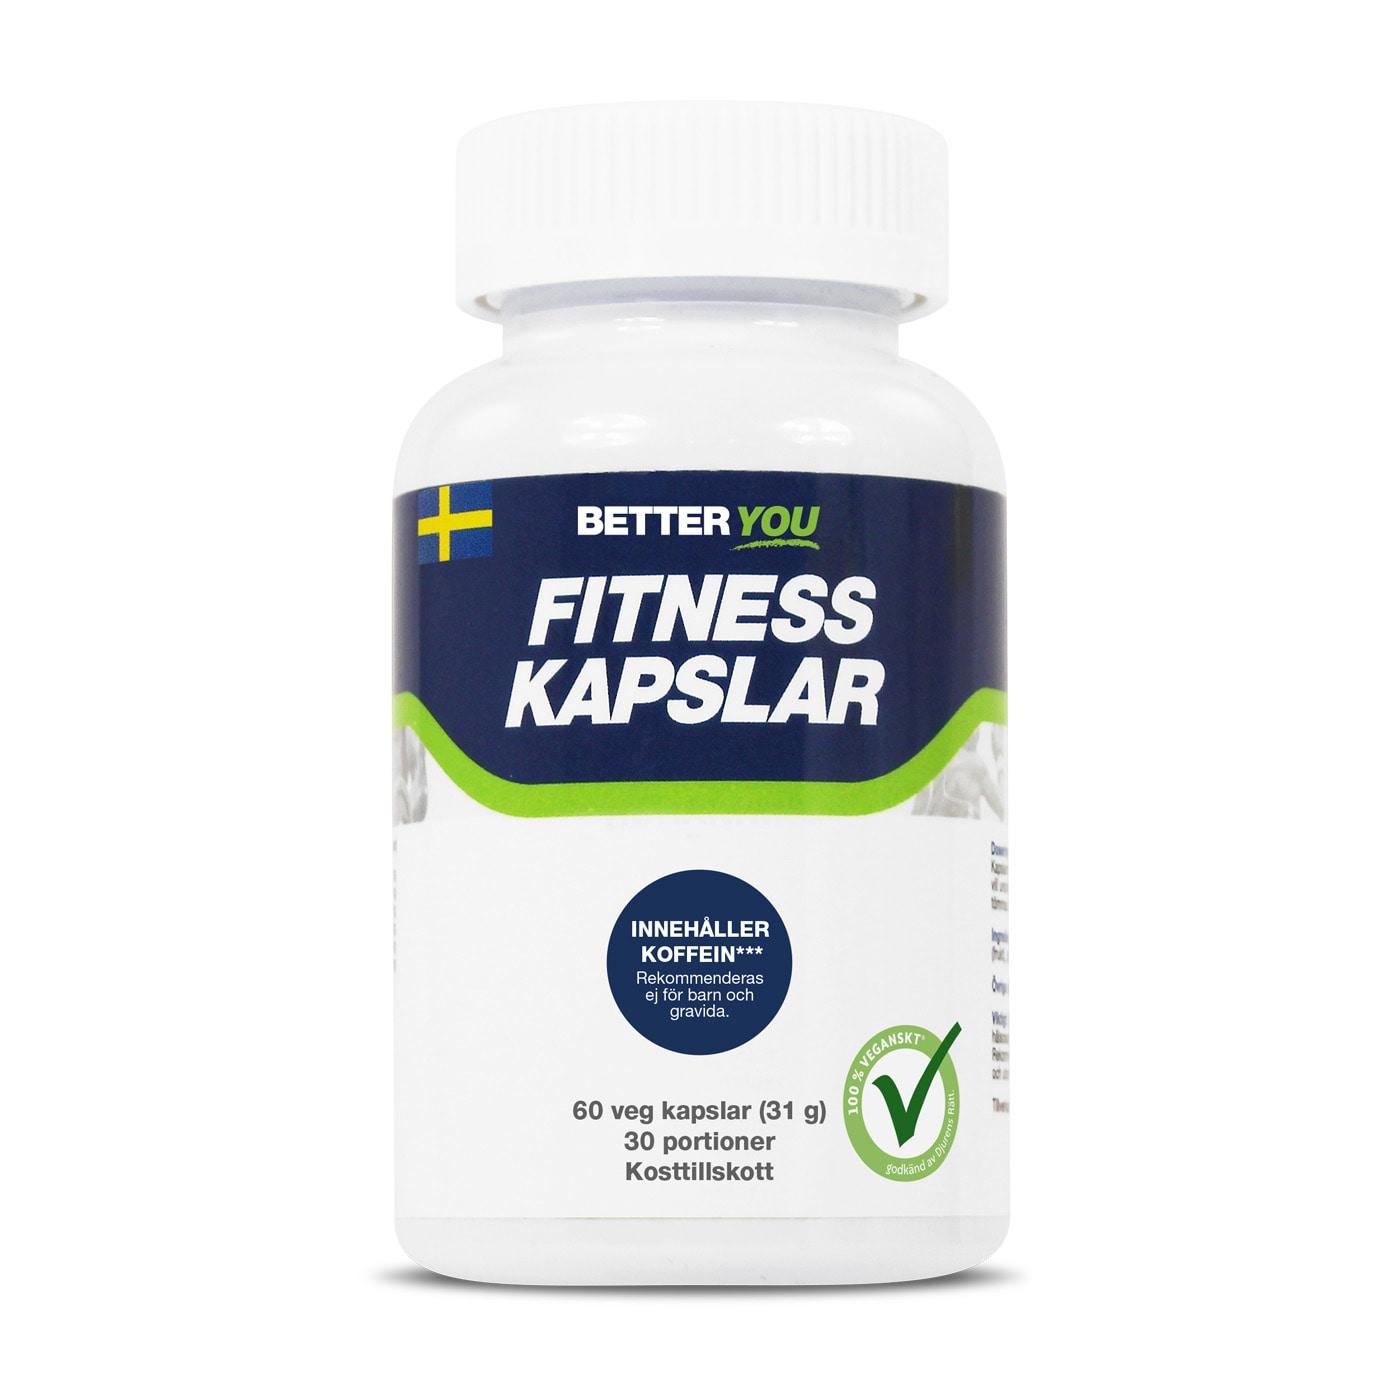 Fitness Kapslar